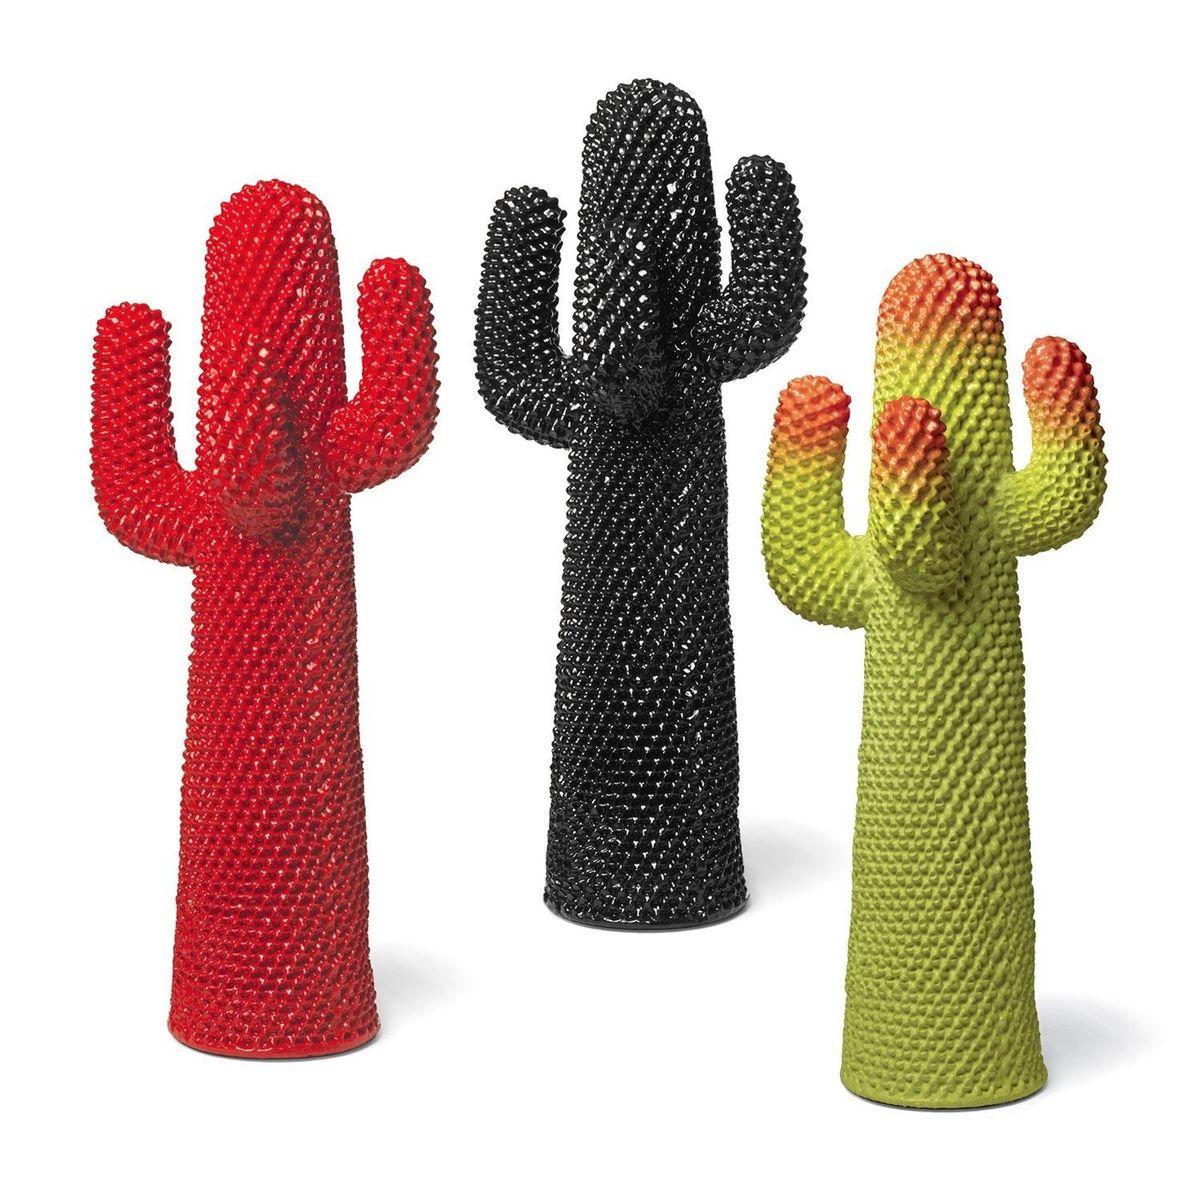 Gufram Cactus - Porte-manteaux | Gufram | AmbienteDirect.com